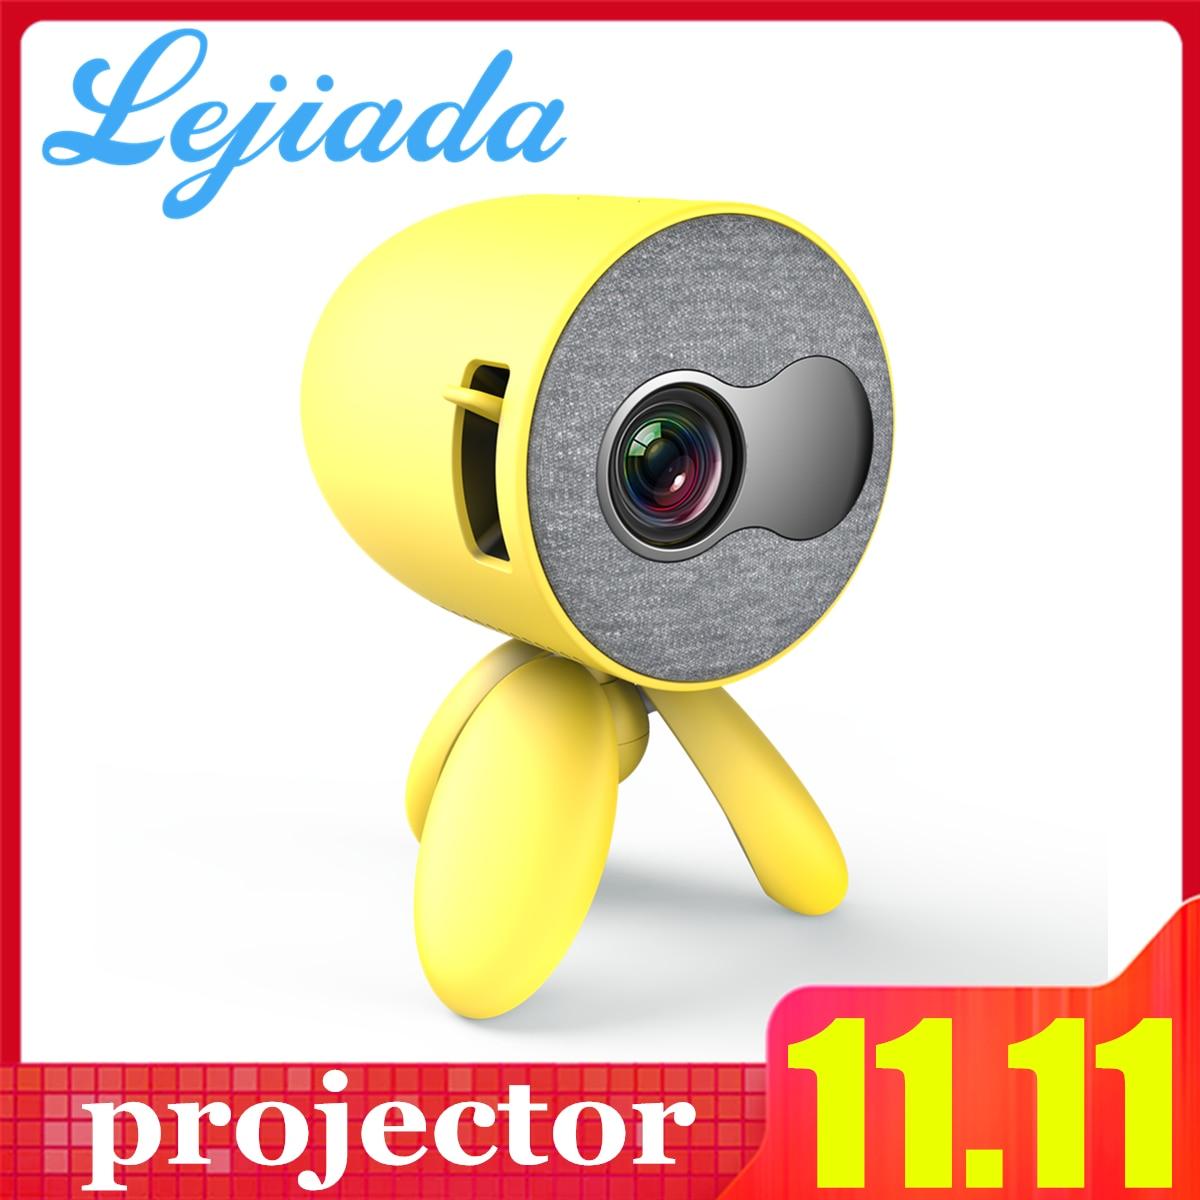 LEJIADA YG220 Mini projecteur 480*272 Pixels prend en charge 1080P HDMI USB Portable poche mignon projecteur lecteur vidéo enfants cadeau